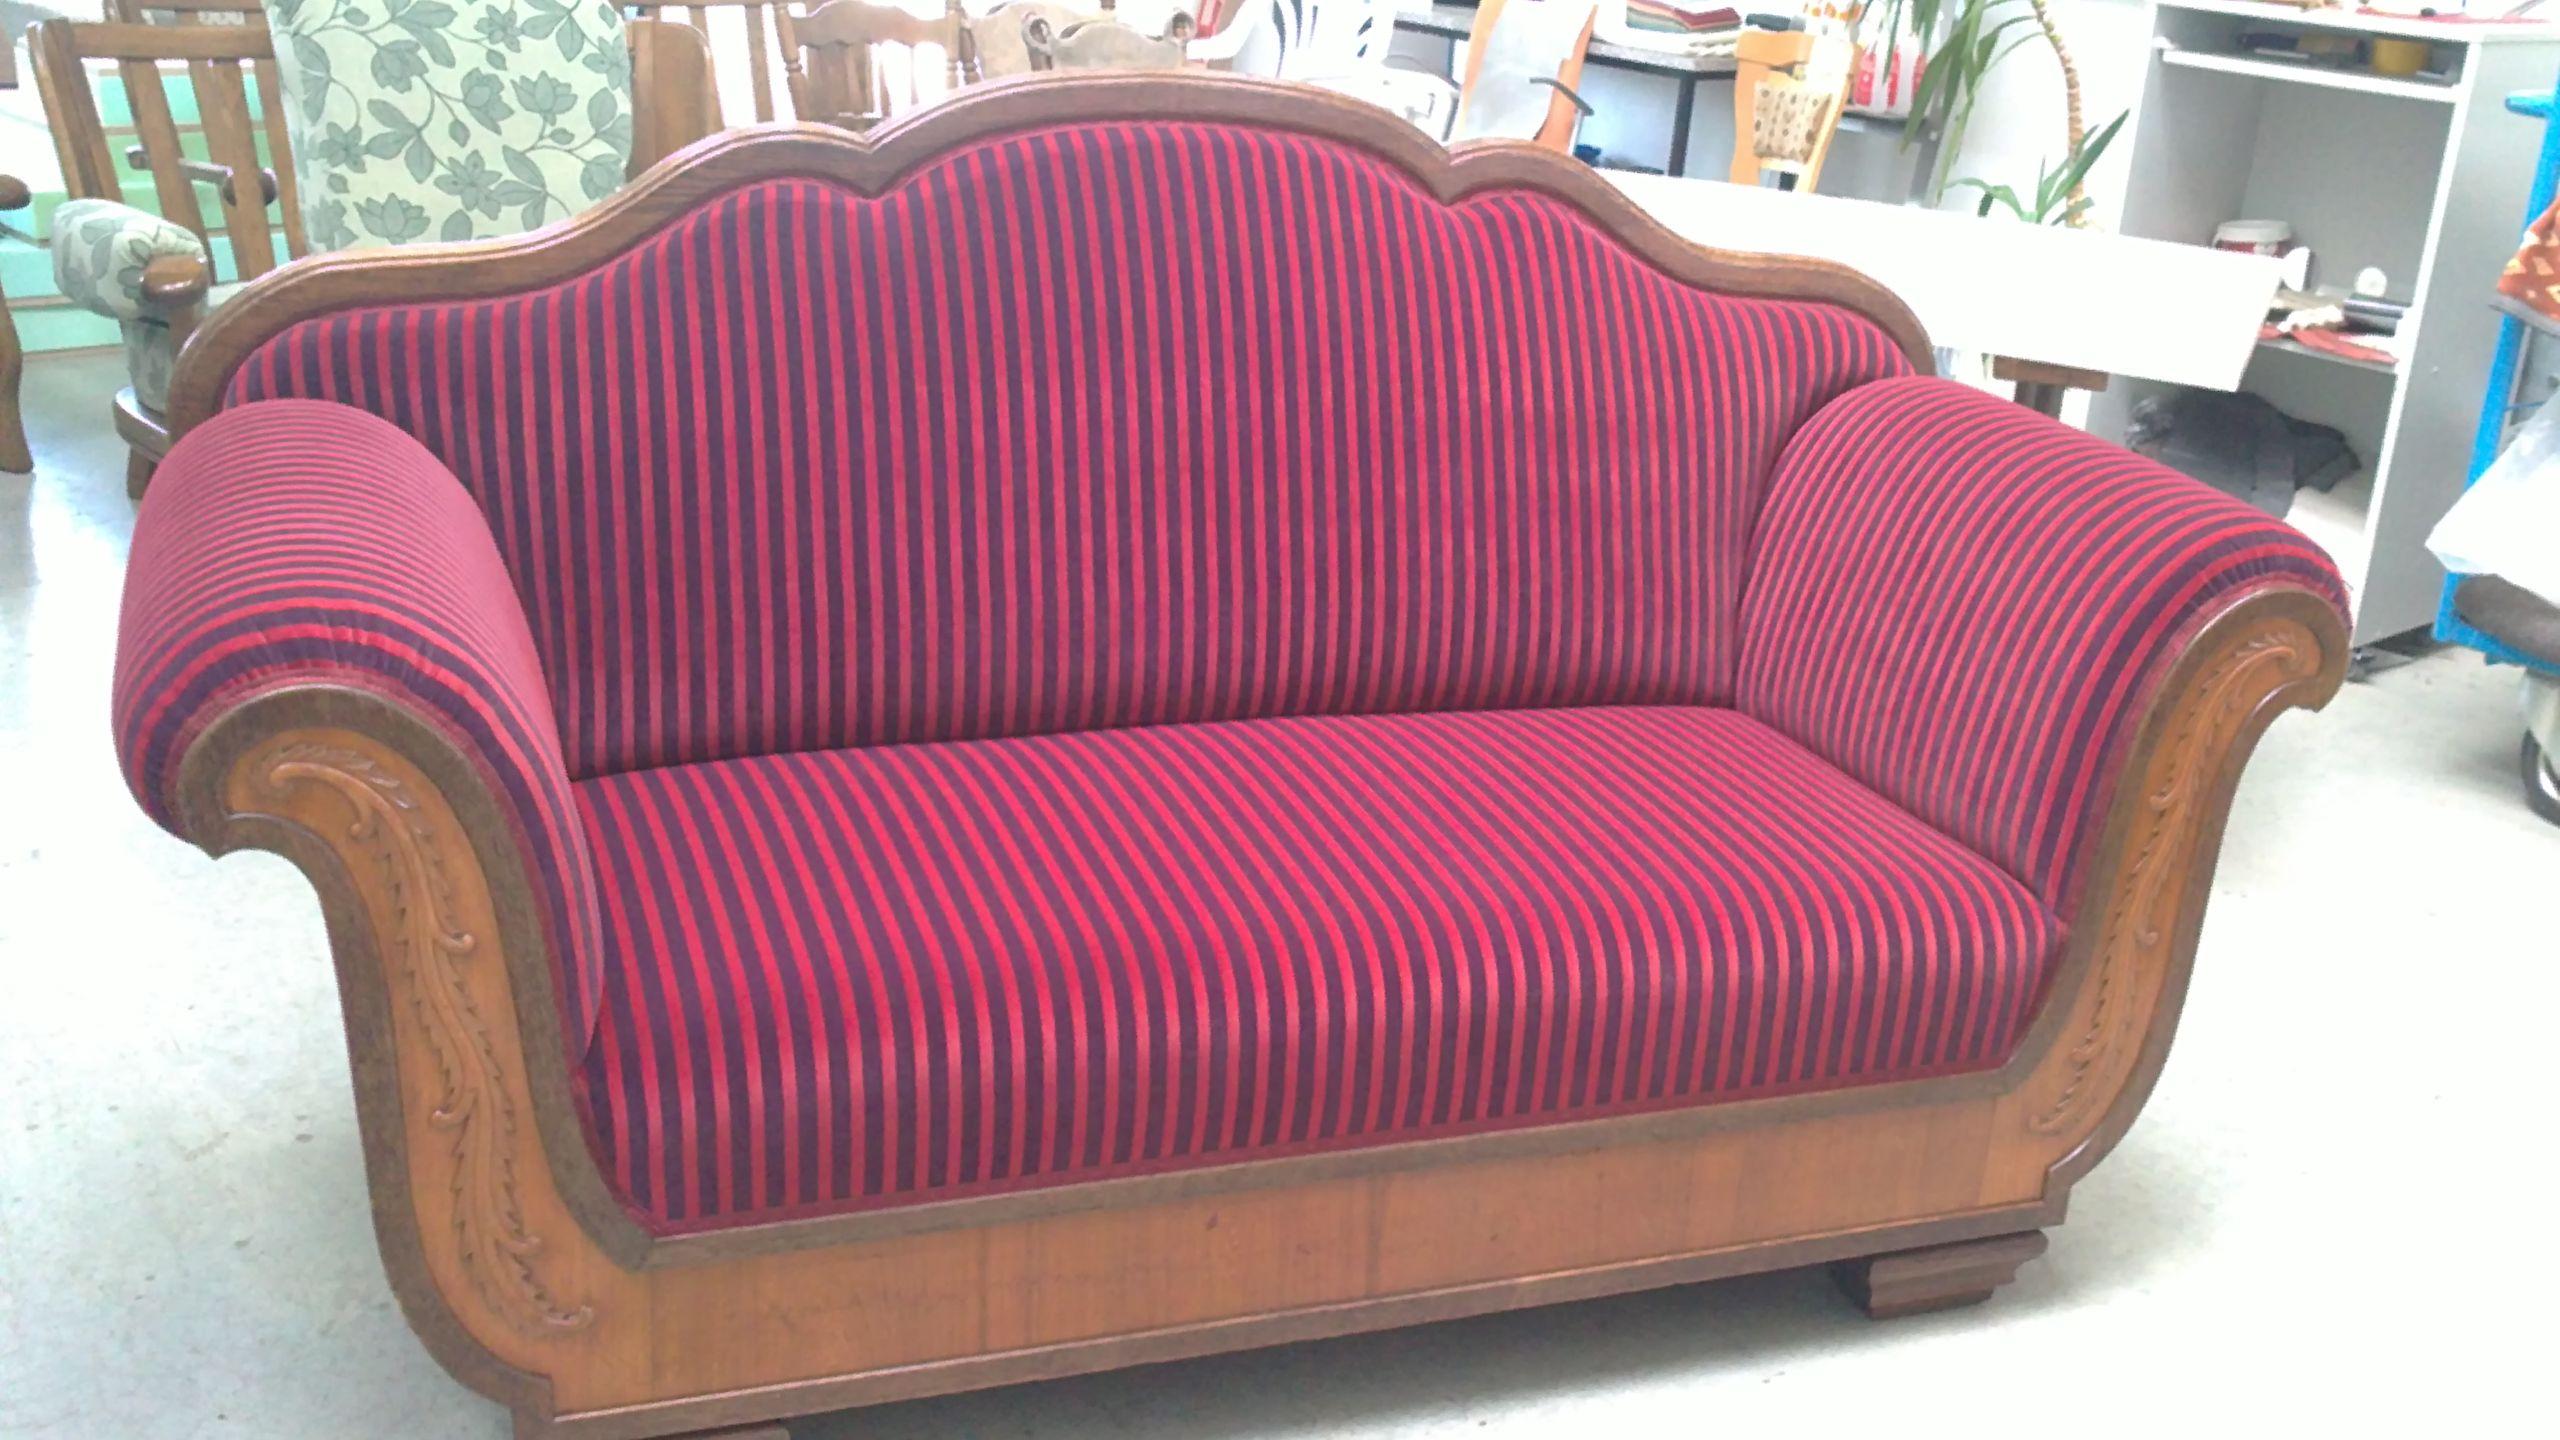 Neu maralunga beziehen sofa Polsterei